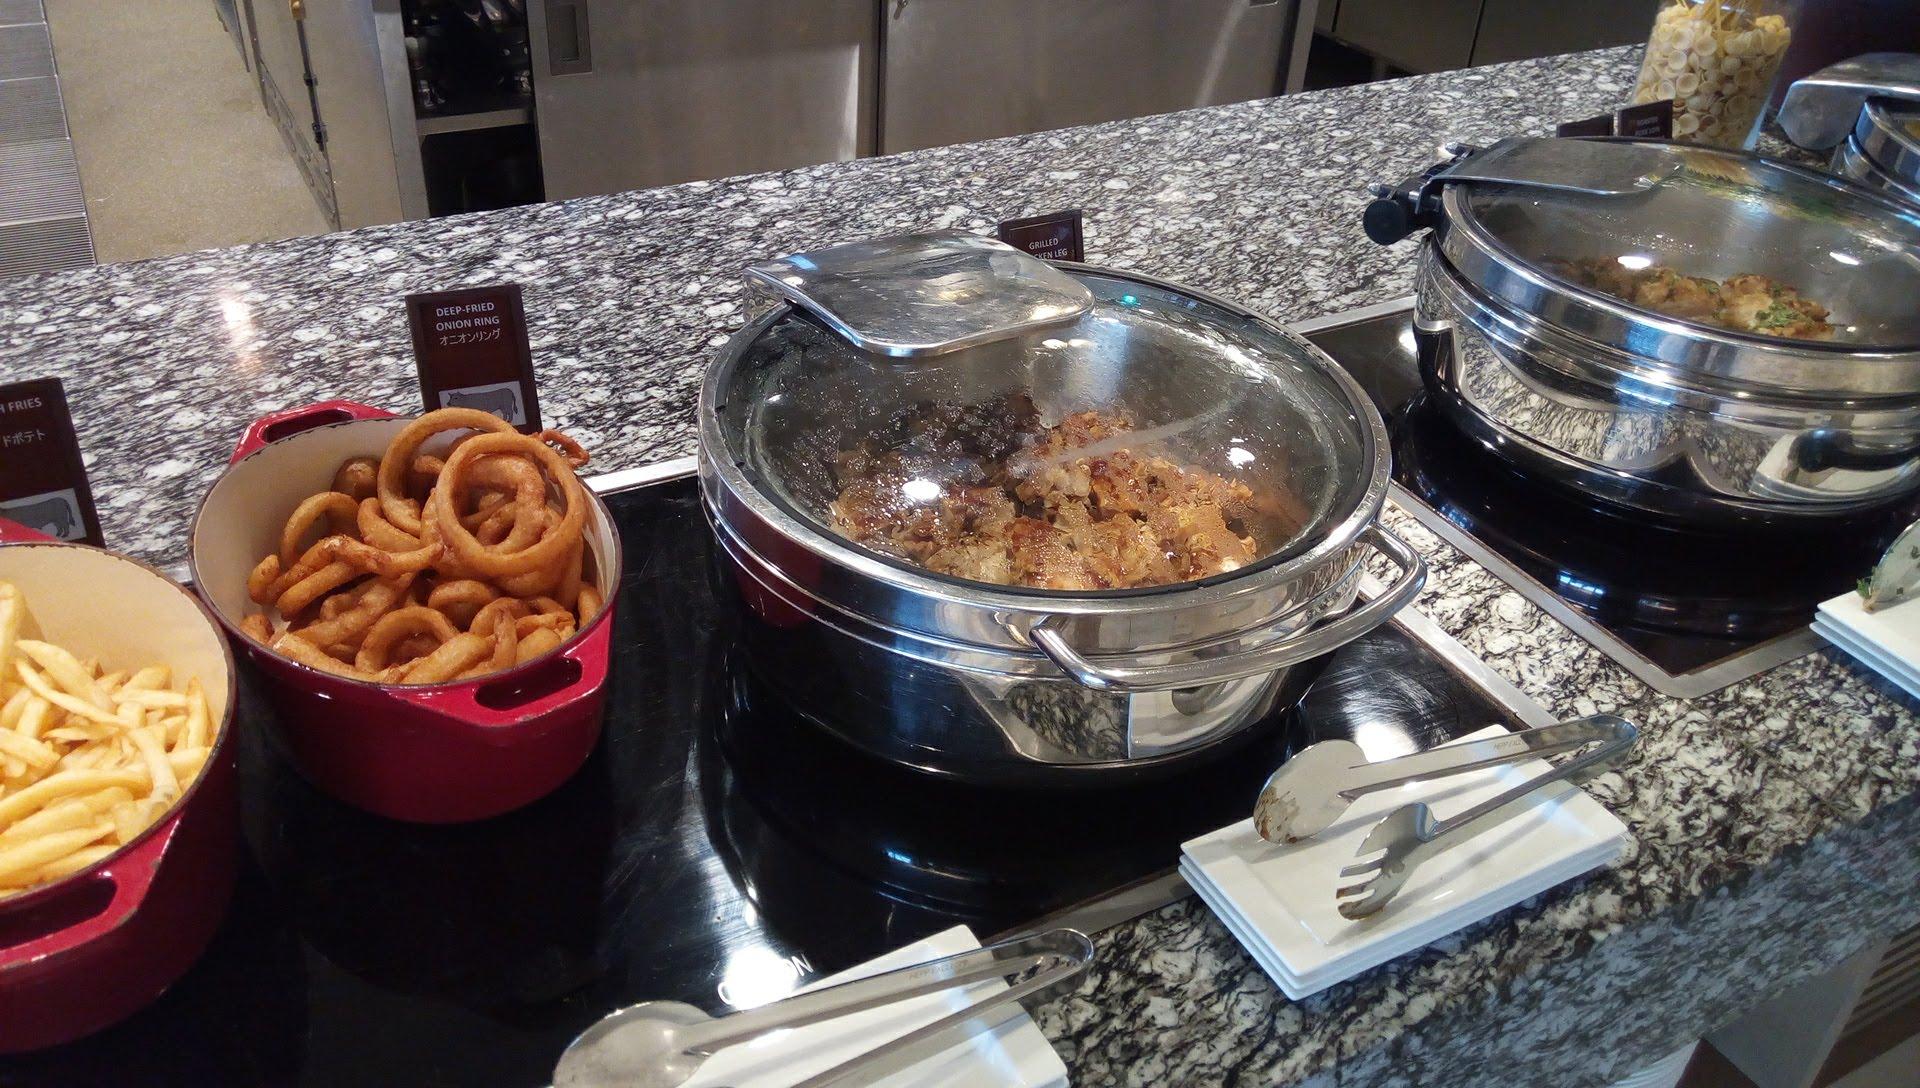 SURIYUNでの食べ放題の料理2